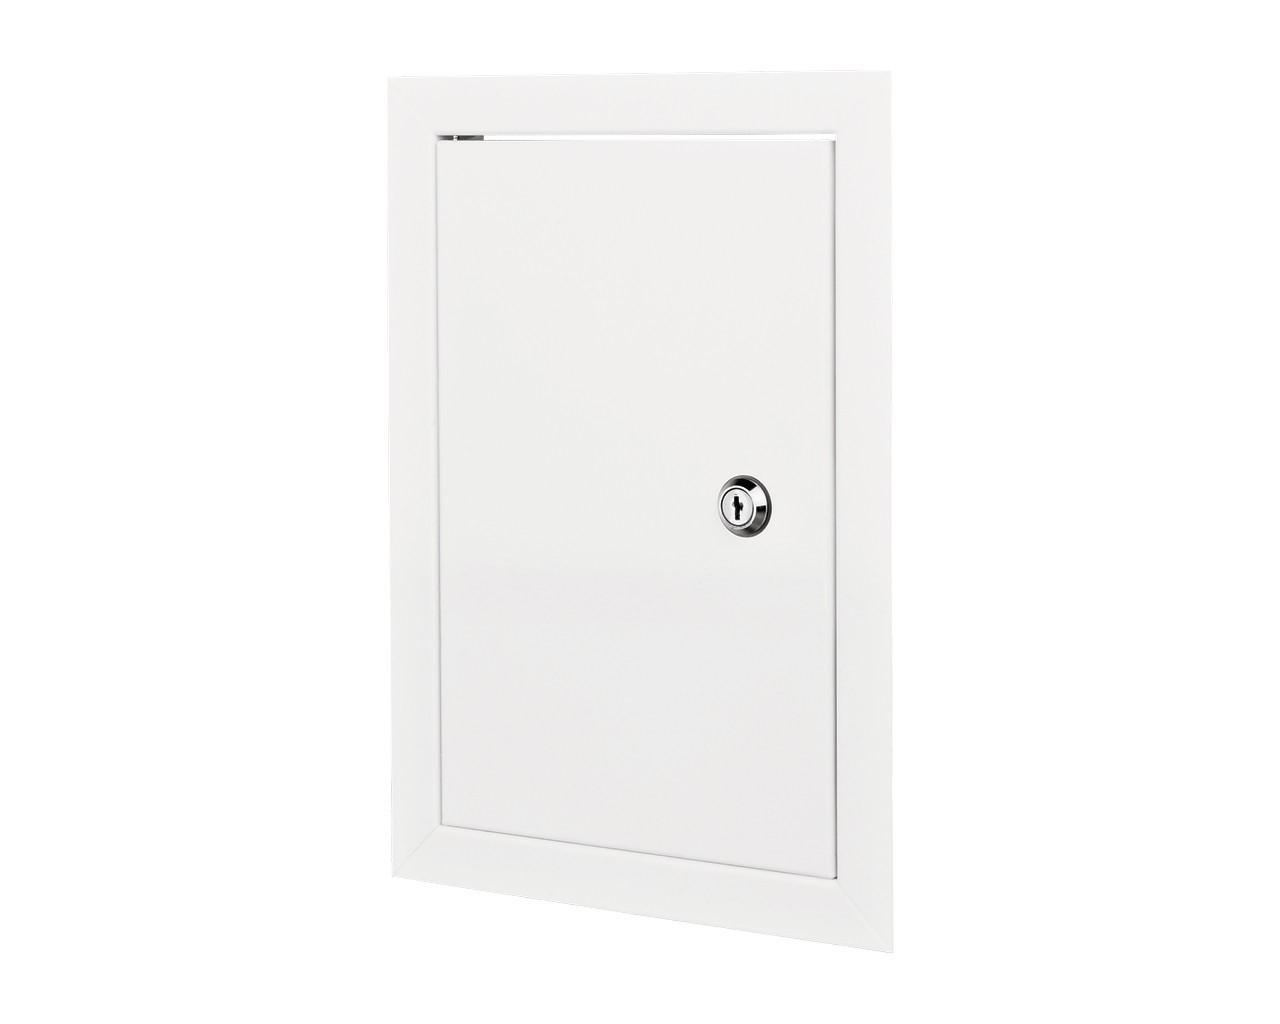 Ревізійна дверцята ДМЗ 250х300